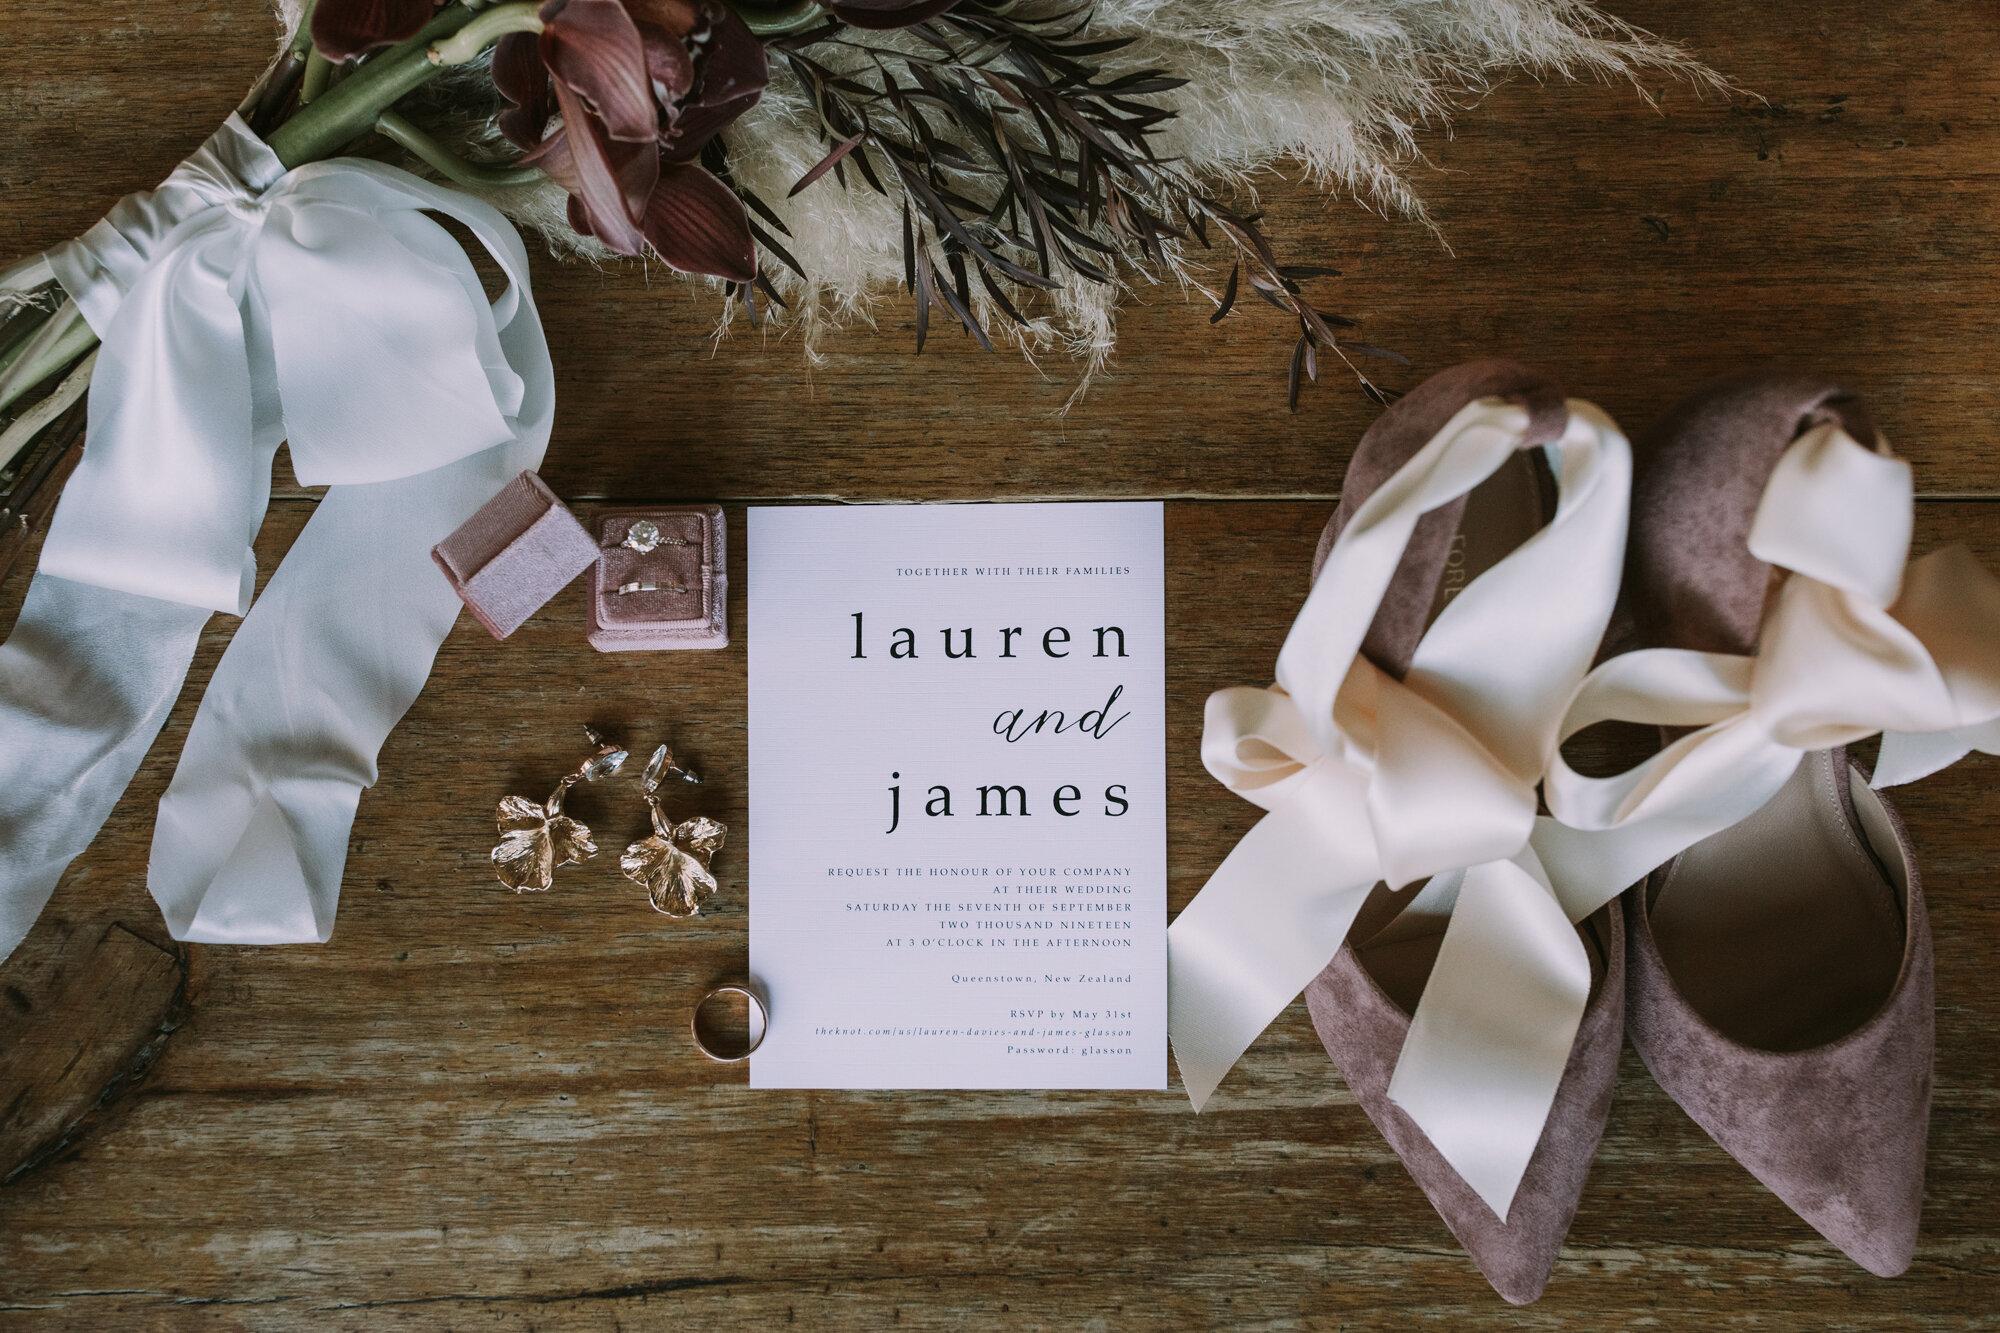 LaurenandJames-Sneakpeek-charlottekiriphotography.jpg